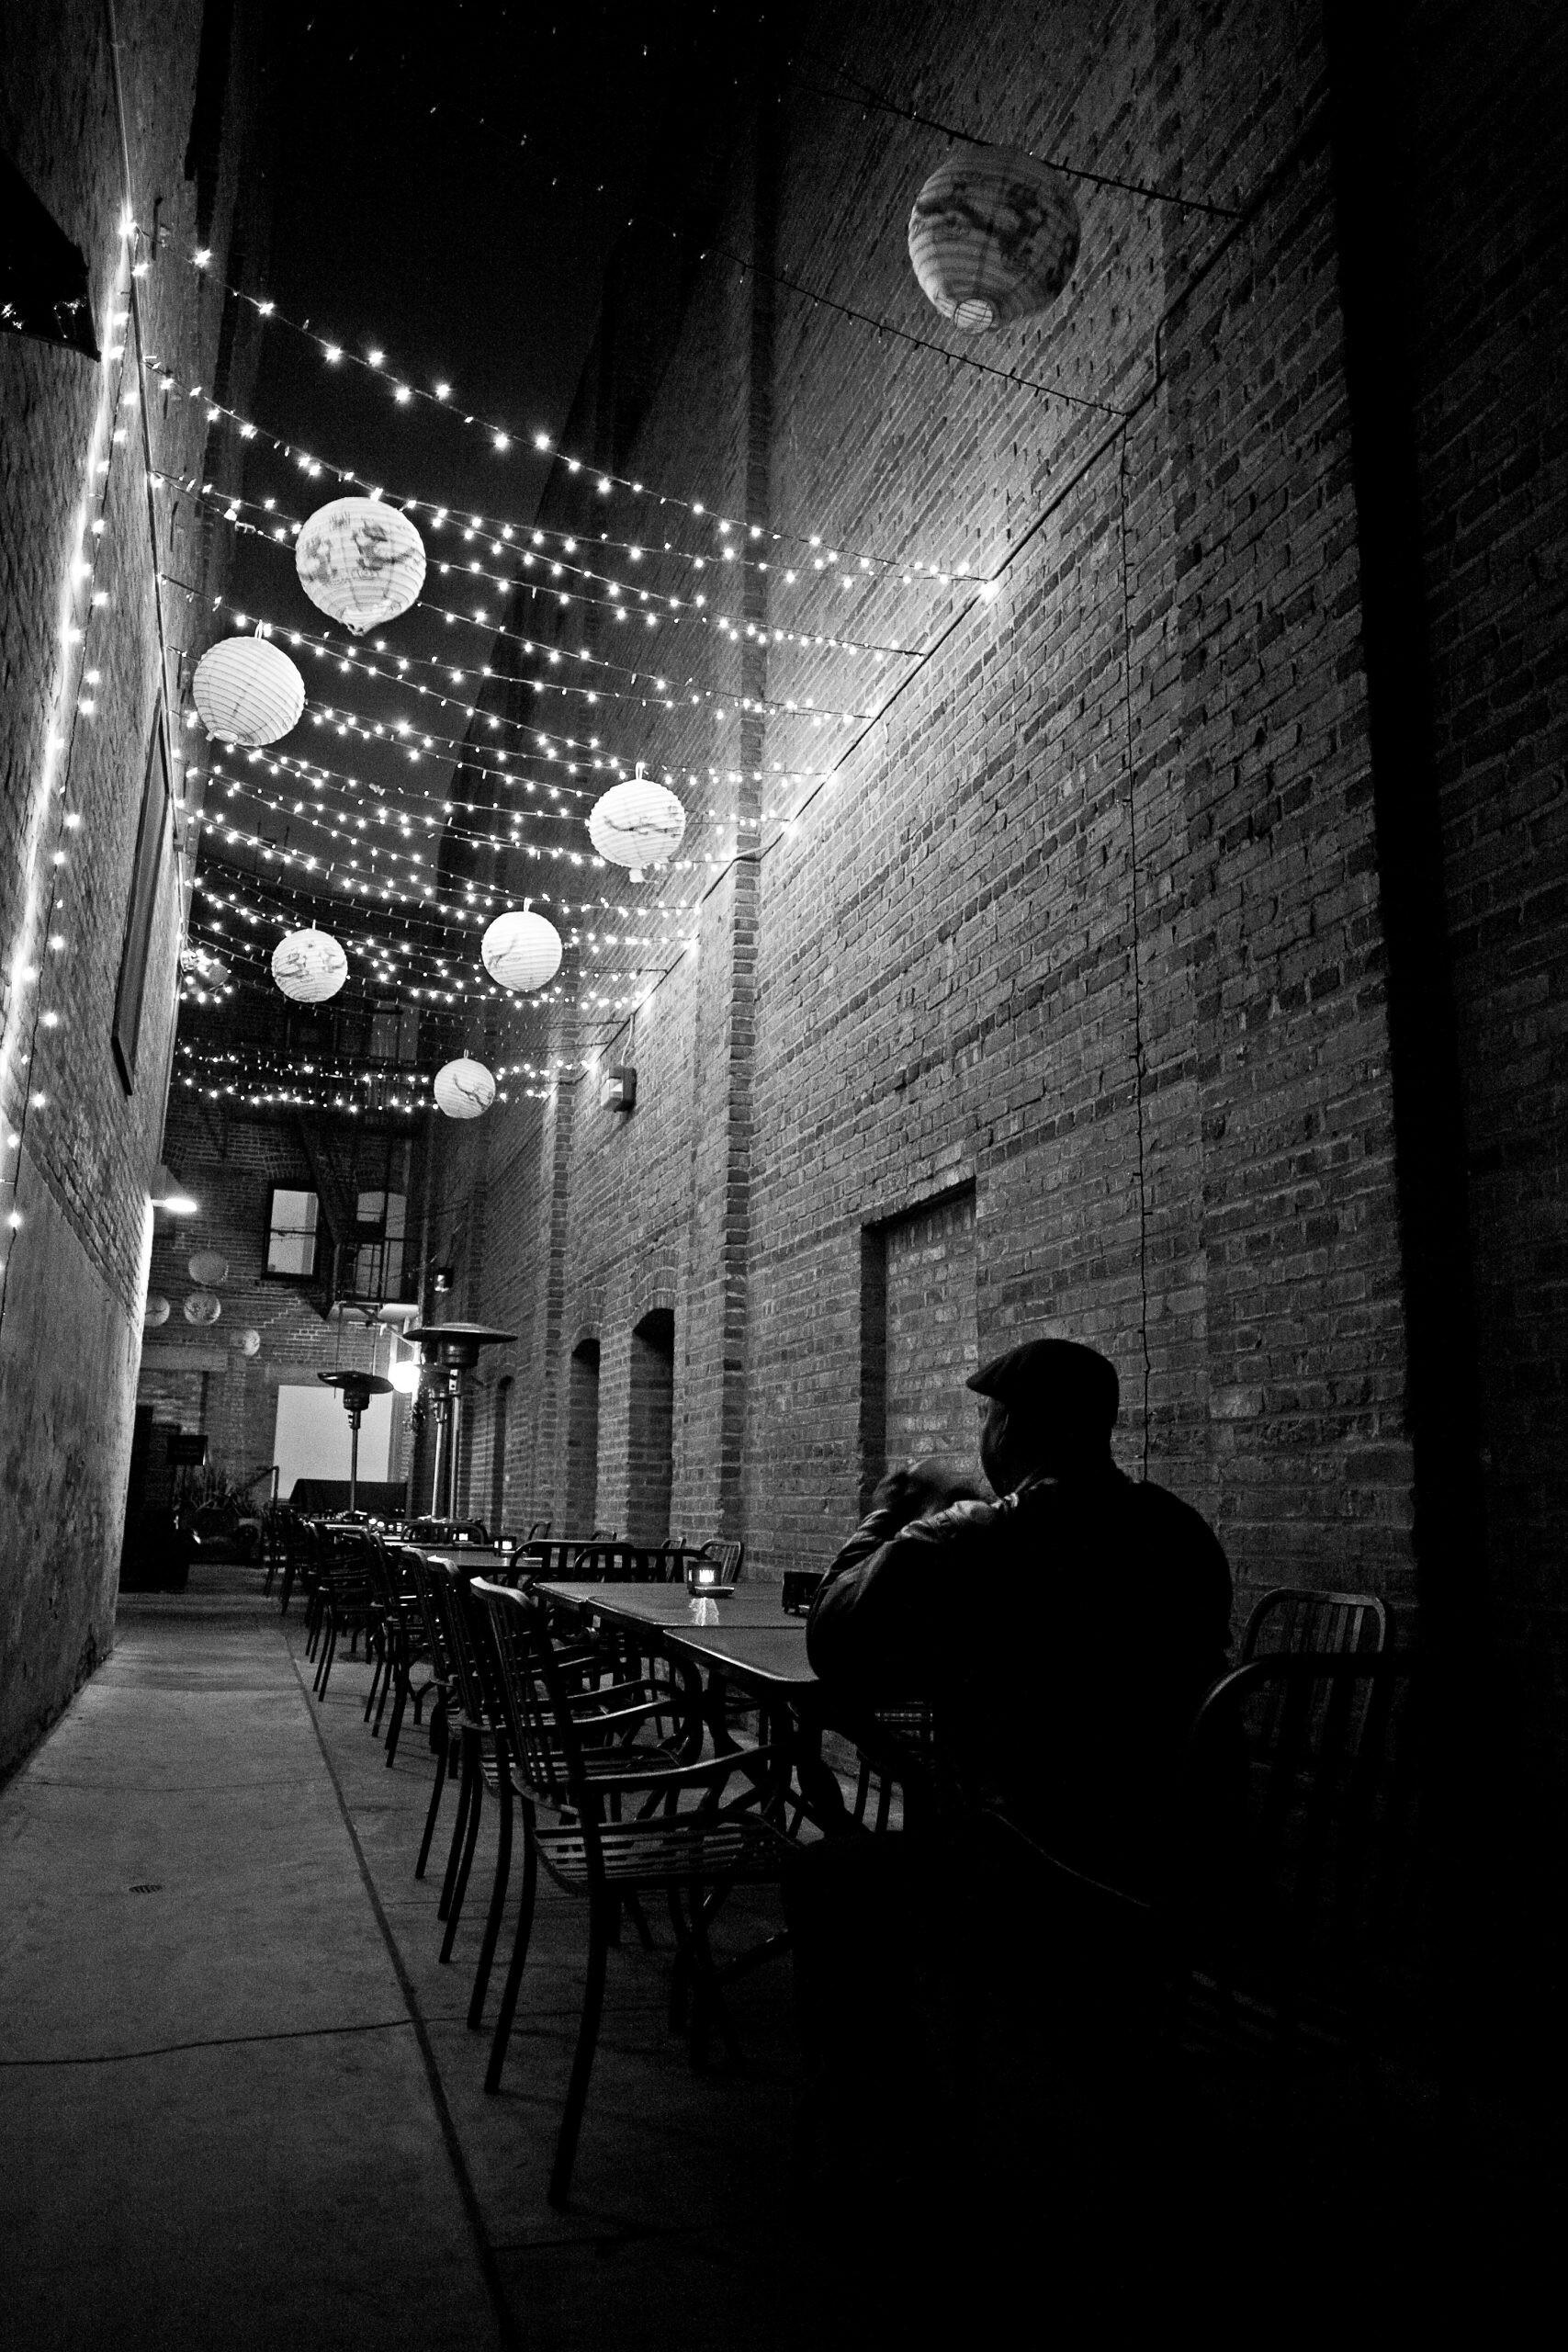 Полночный ужин. Фотограф Эрик Ким